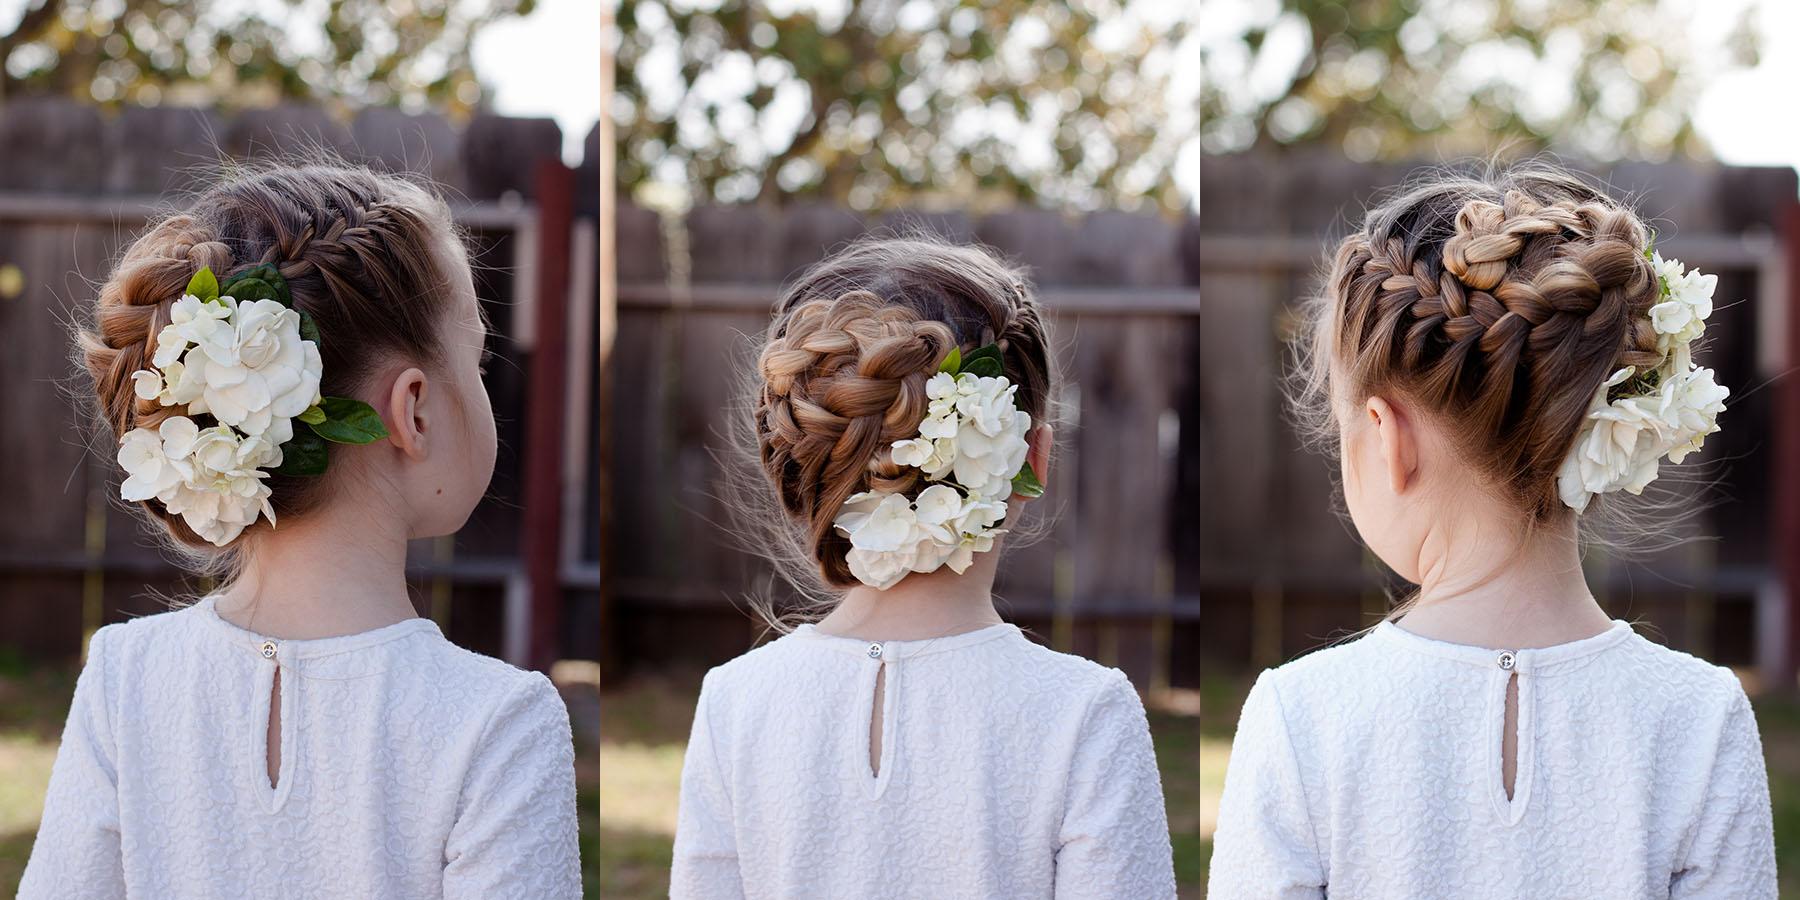 Прически для девочек с цветами фото